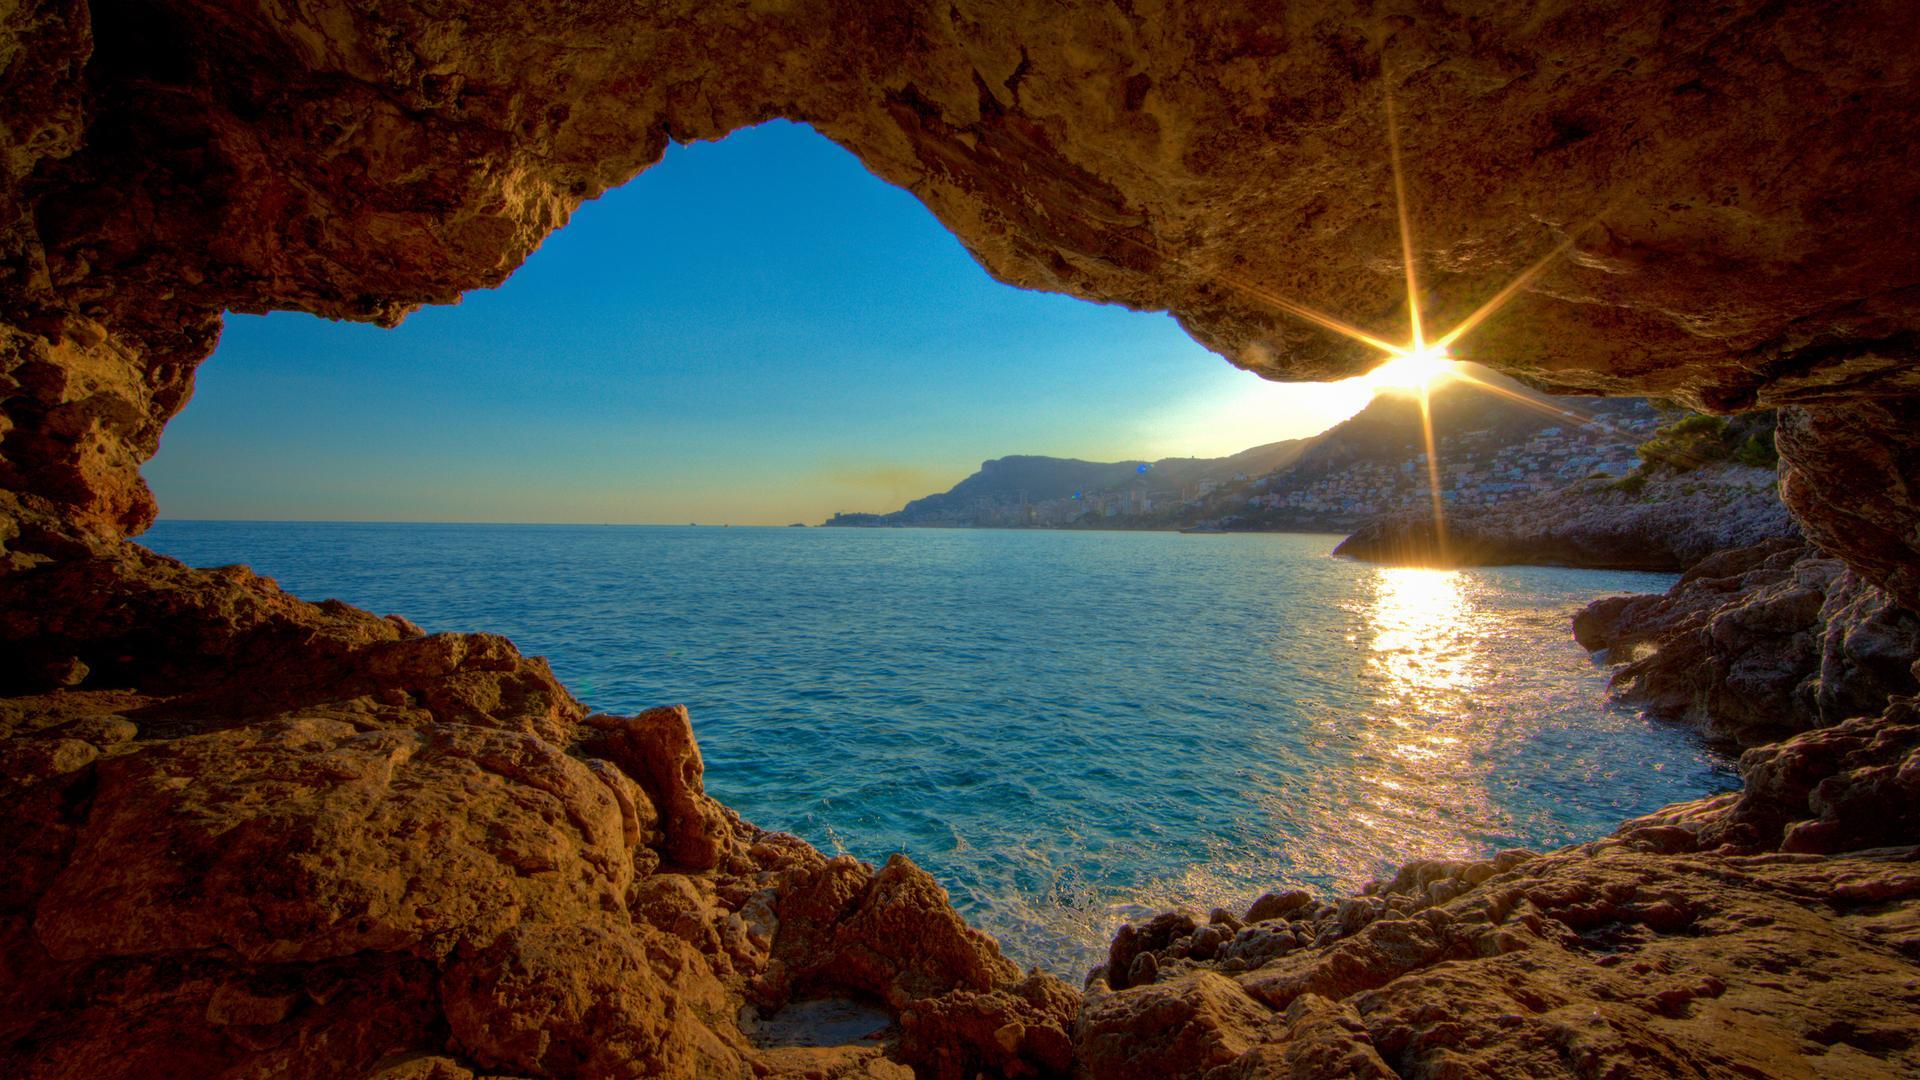 Open Cave Nature HD Wallpaper 1920x1080